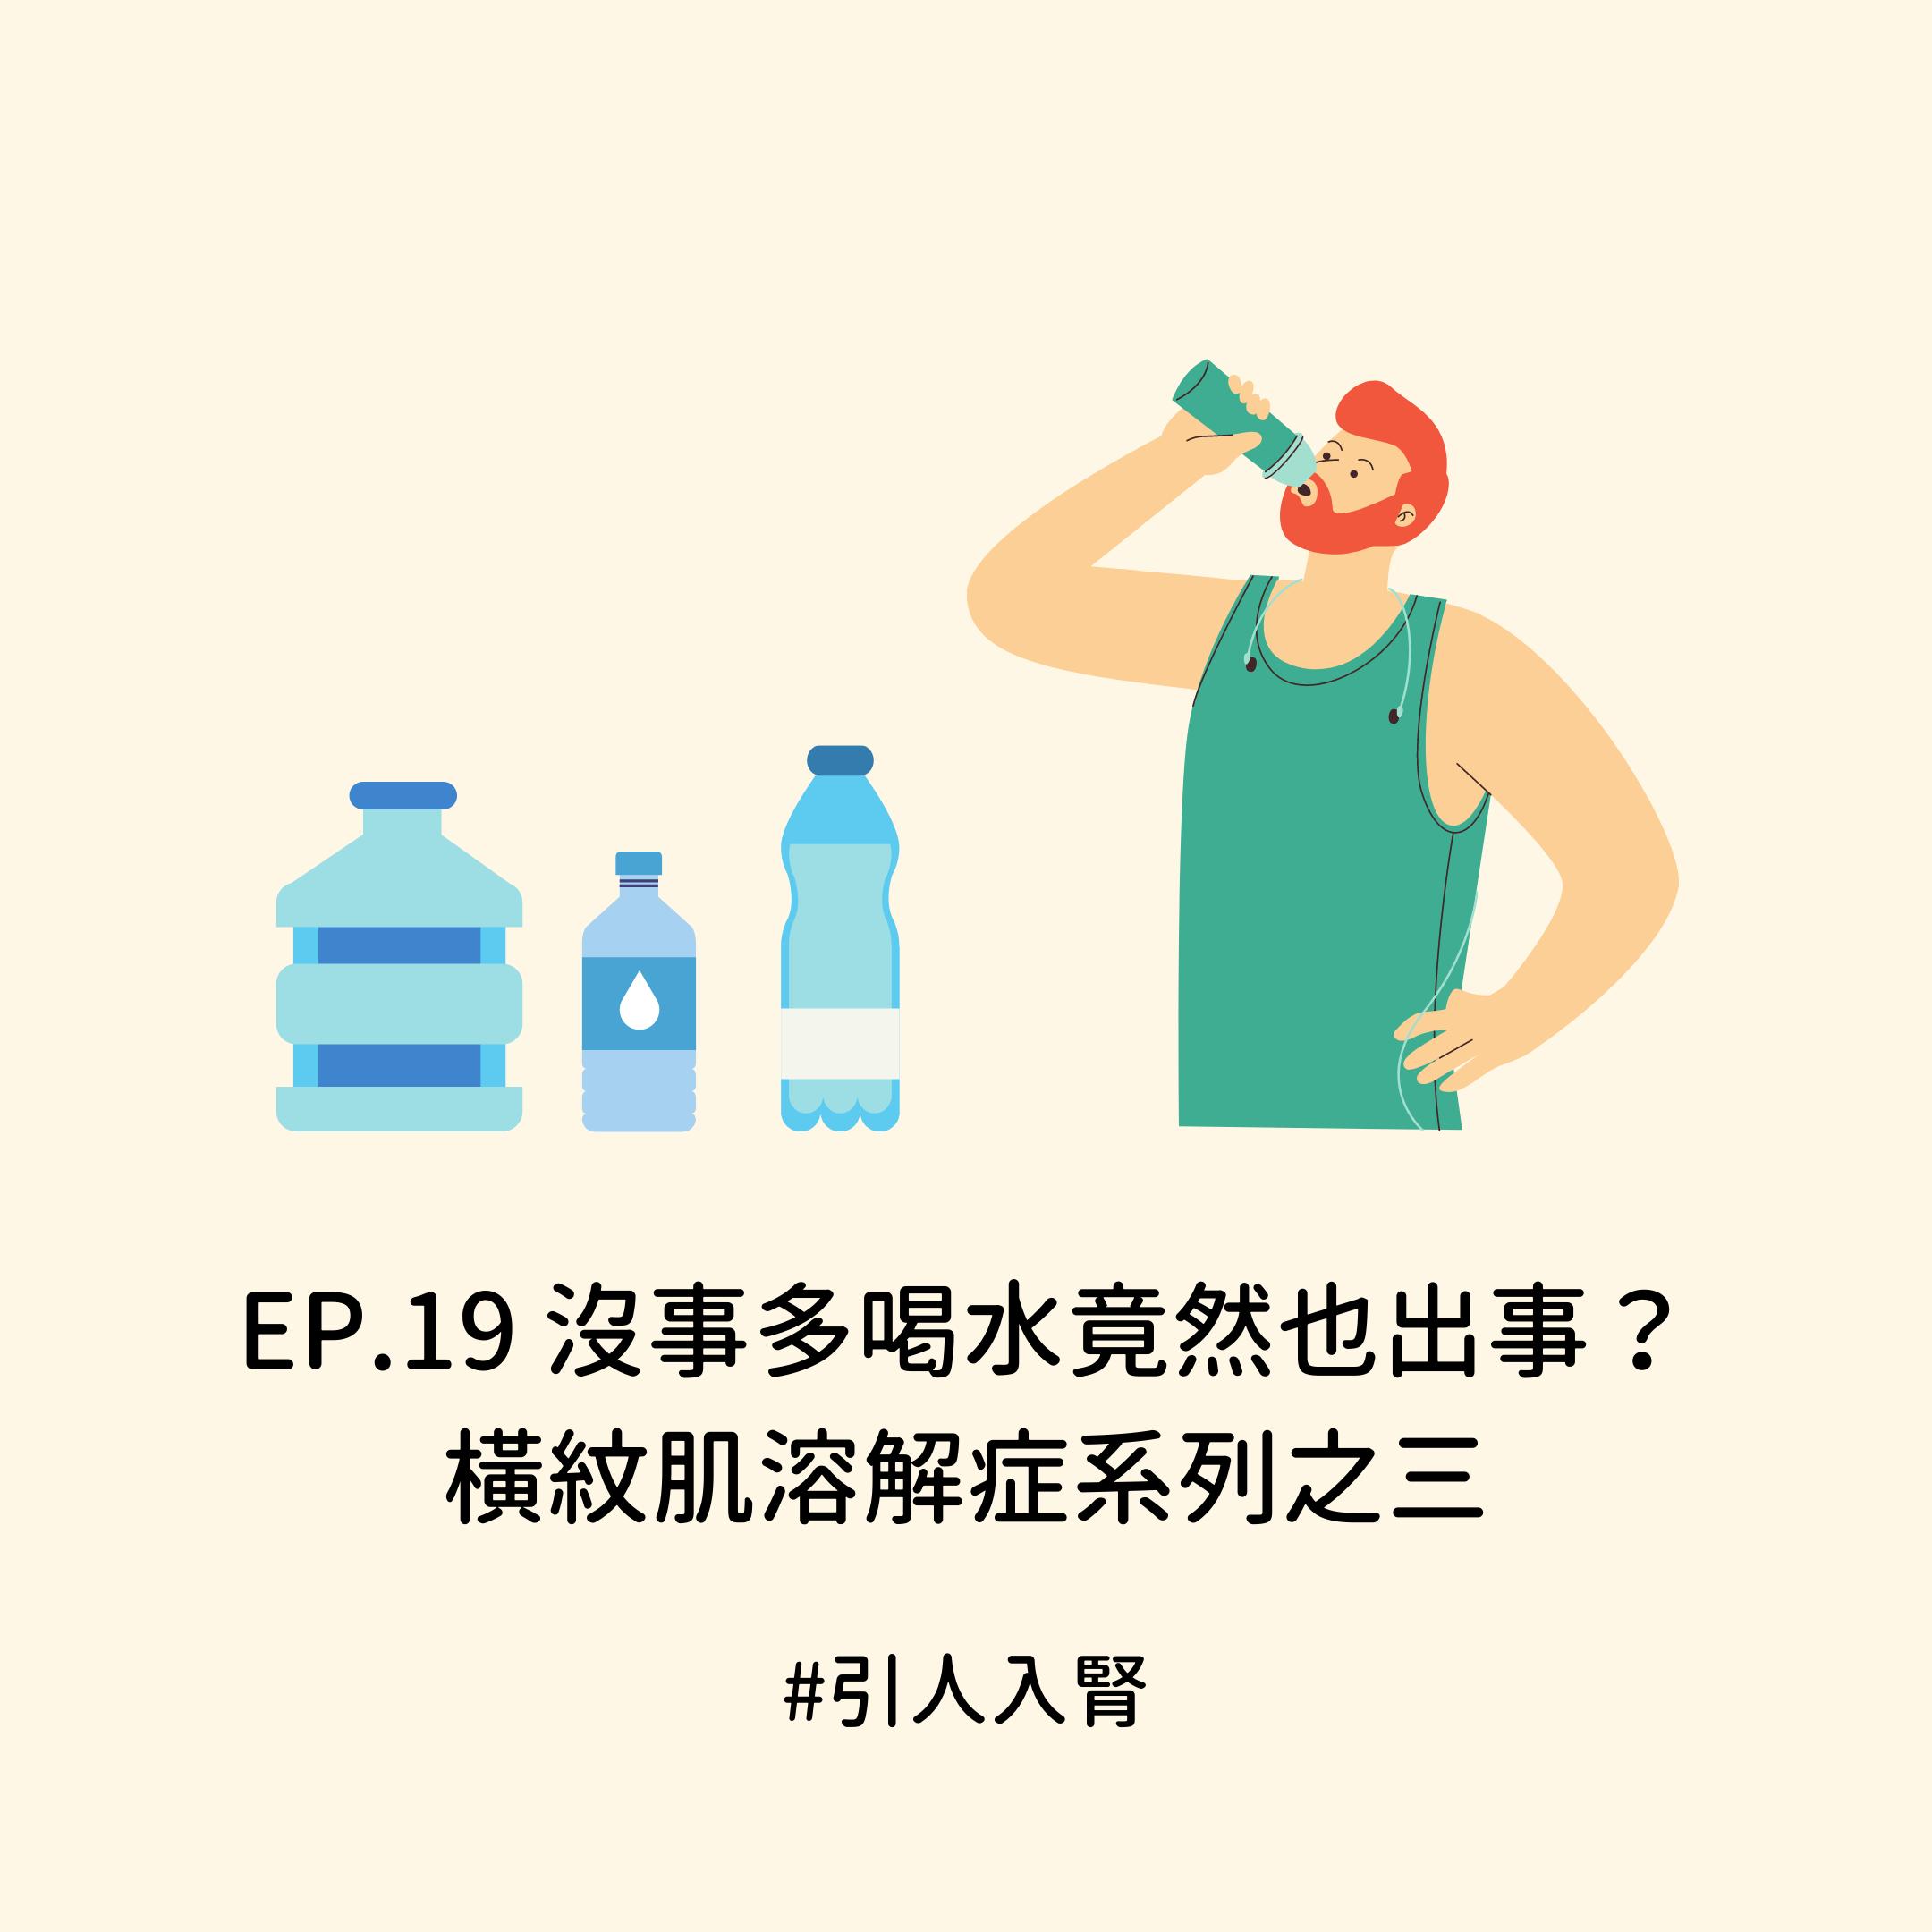 EP.19【故事】沒事多喝水竟然也會出事,橫紋肌溶解症系列之三